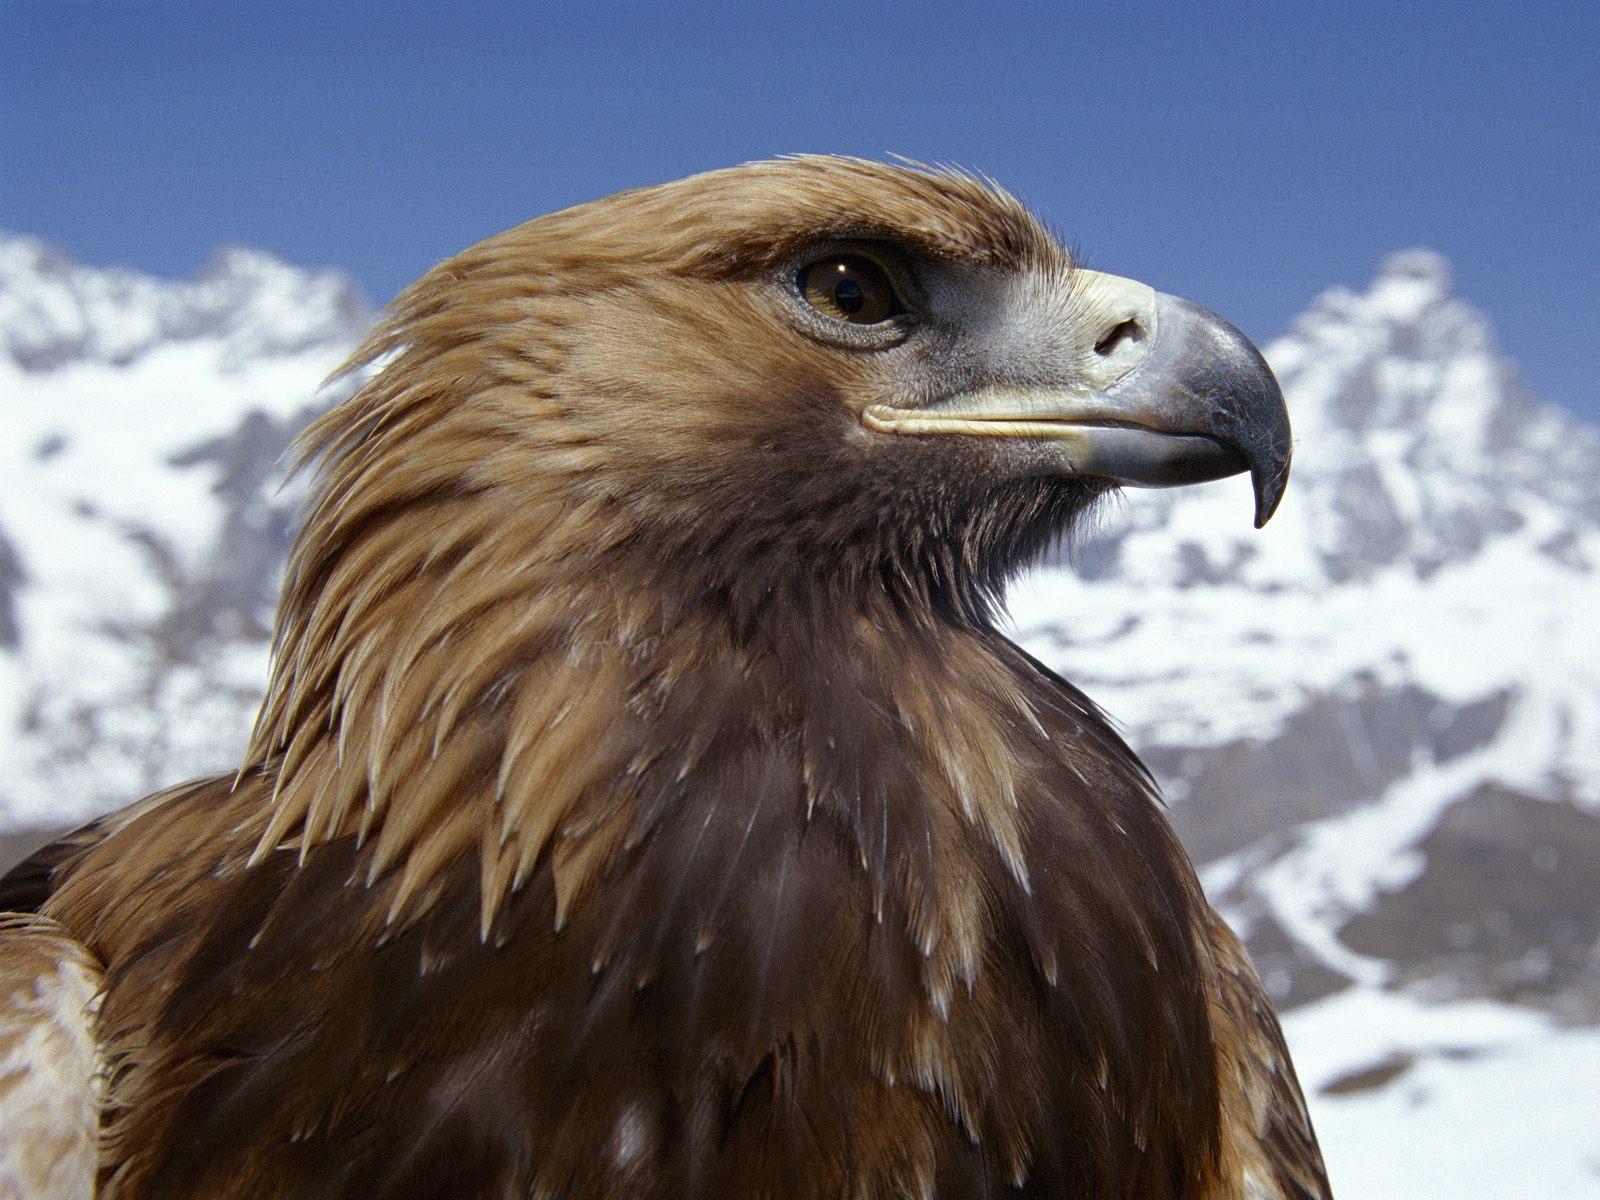 Беркут, фото, горы, обои для рабочего стола, eagle wallpaper